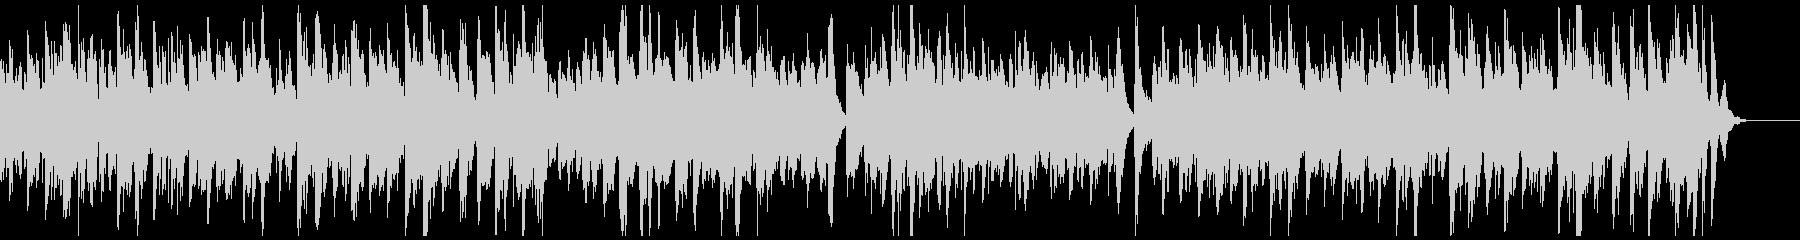 ウキウキ楽しいラグタイム・ピアノの未再生の波形